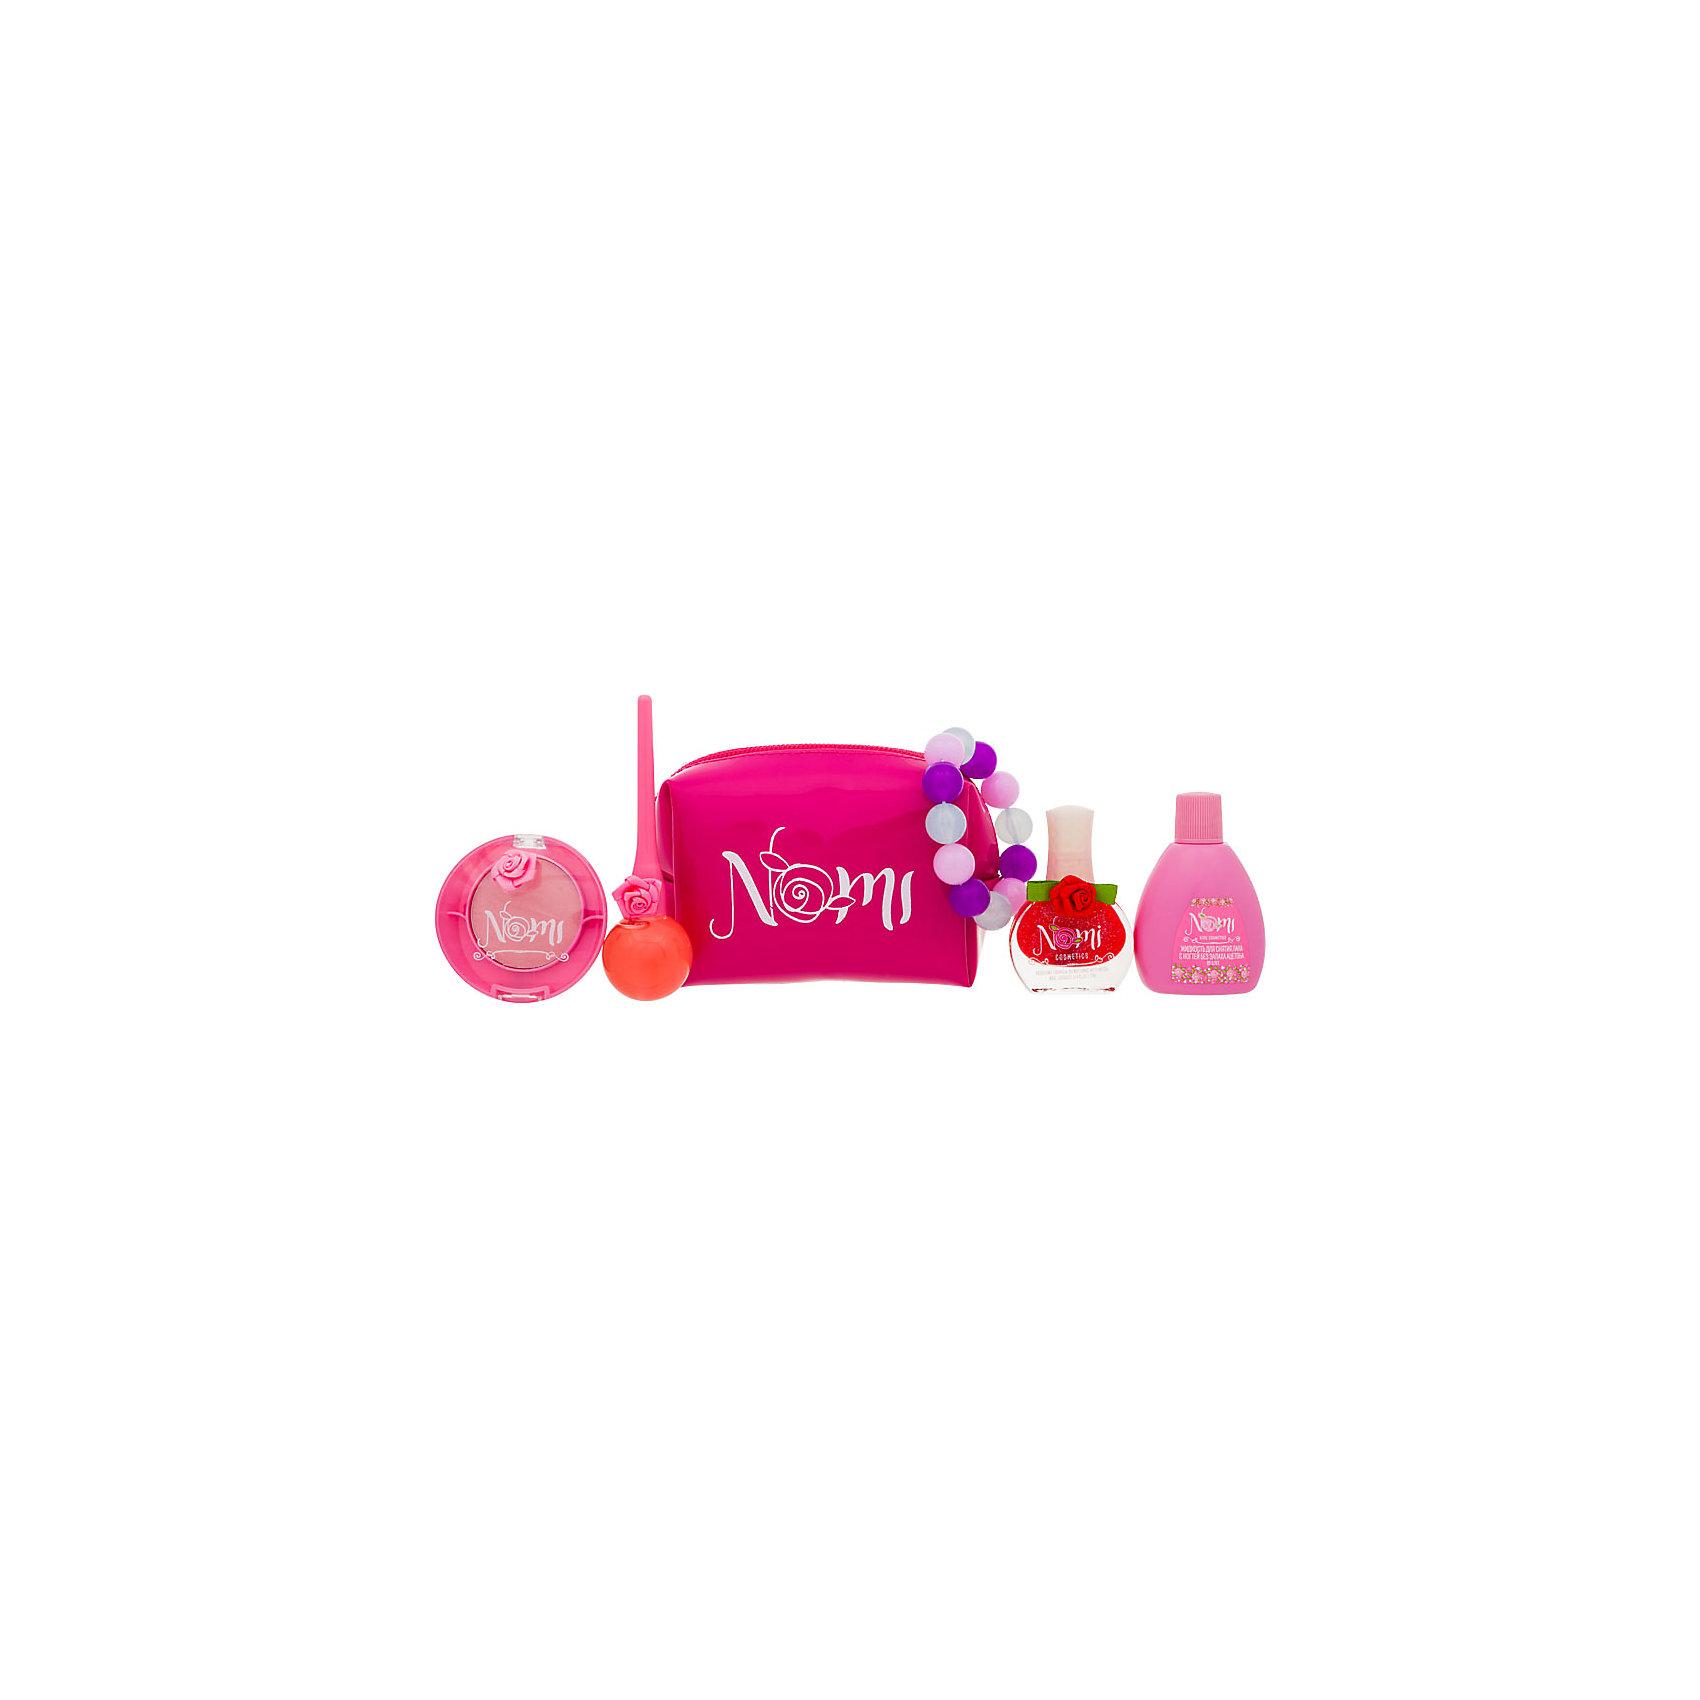 Подарочный набор Nomi по цене 920